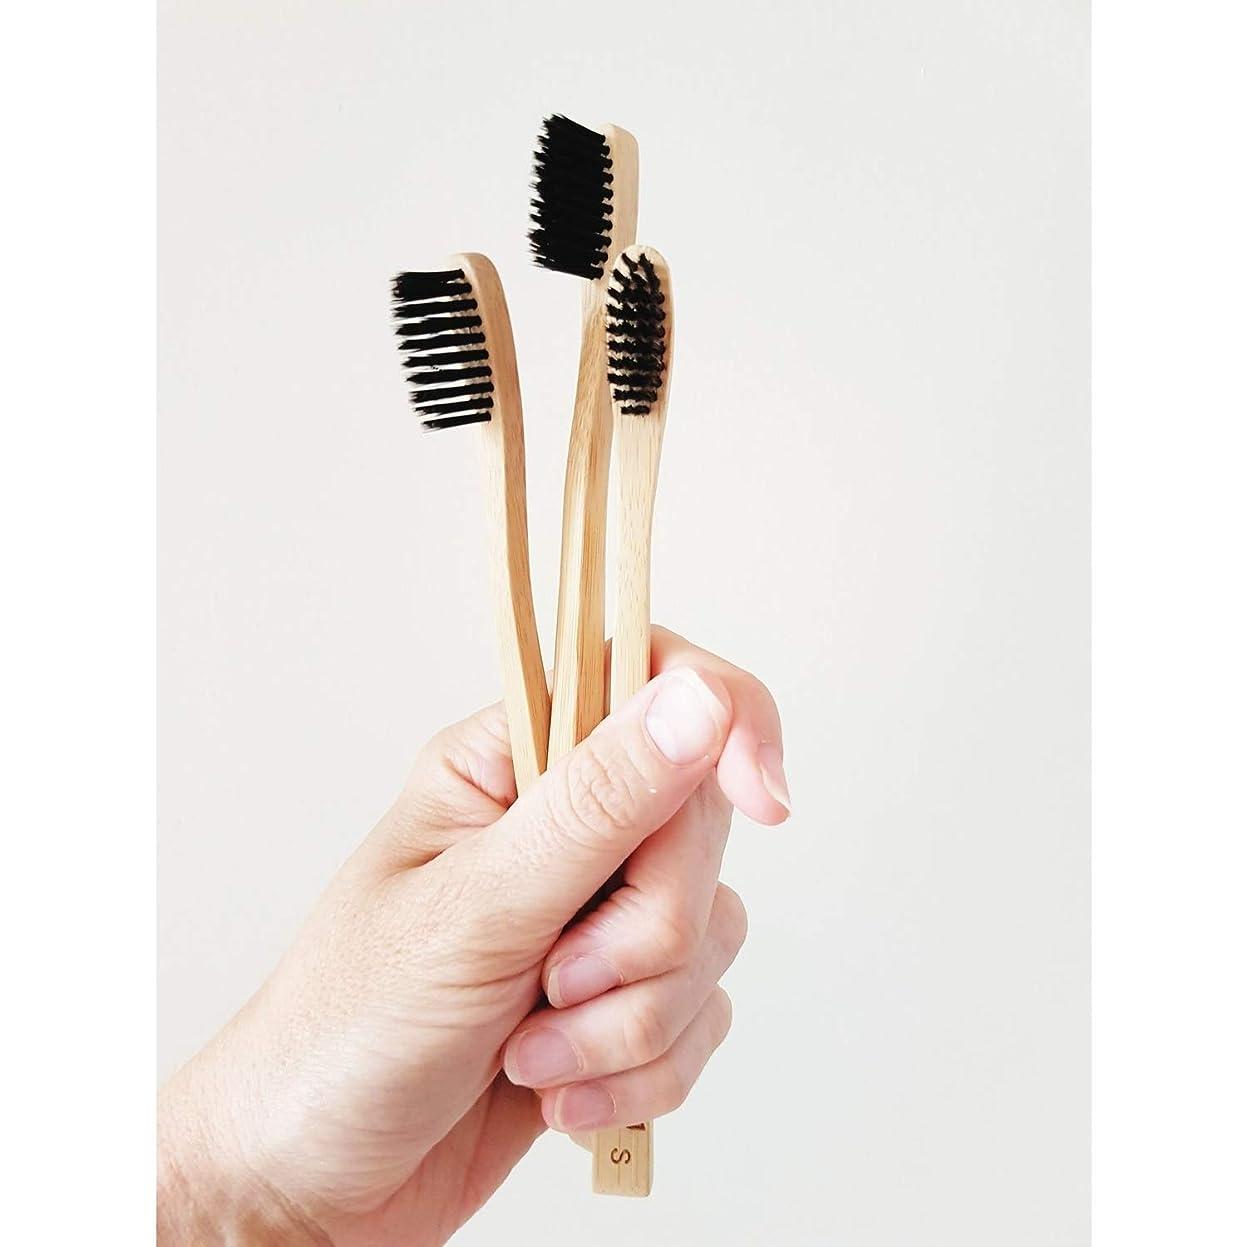 パレード前述の規定Ladybug 竹の歯ブラシ 竹炭毛 バンブー歯ブラシ (3本入りセット)